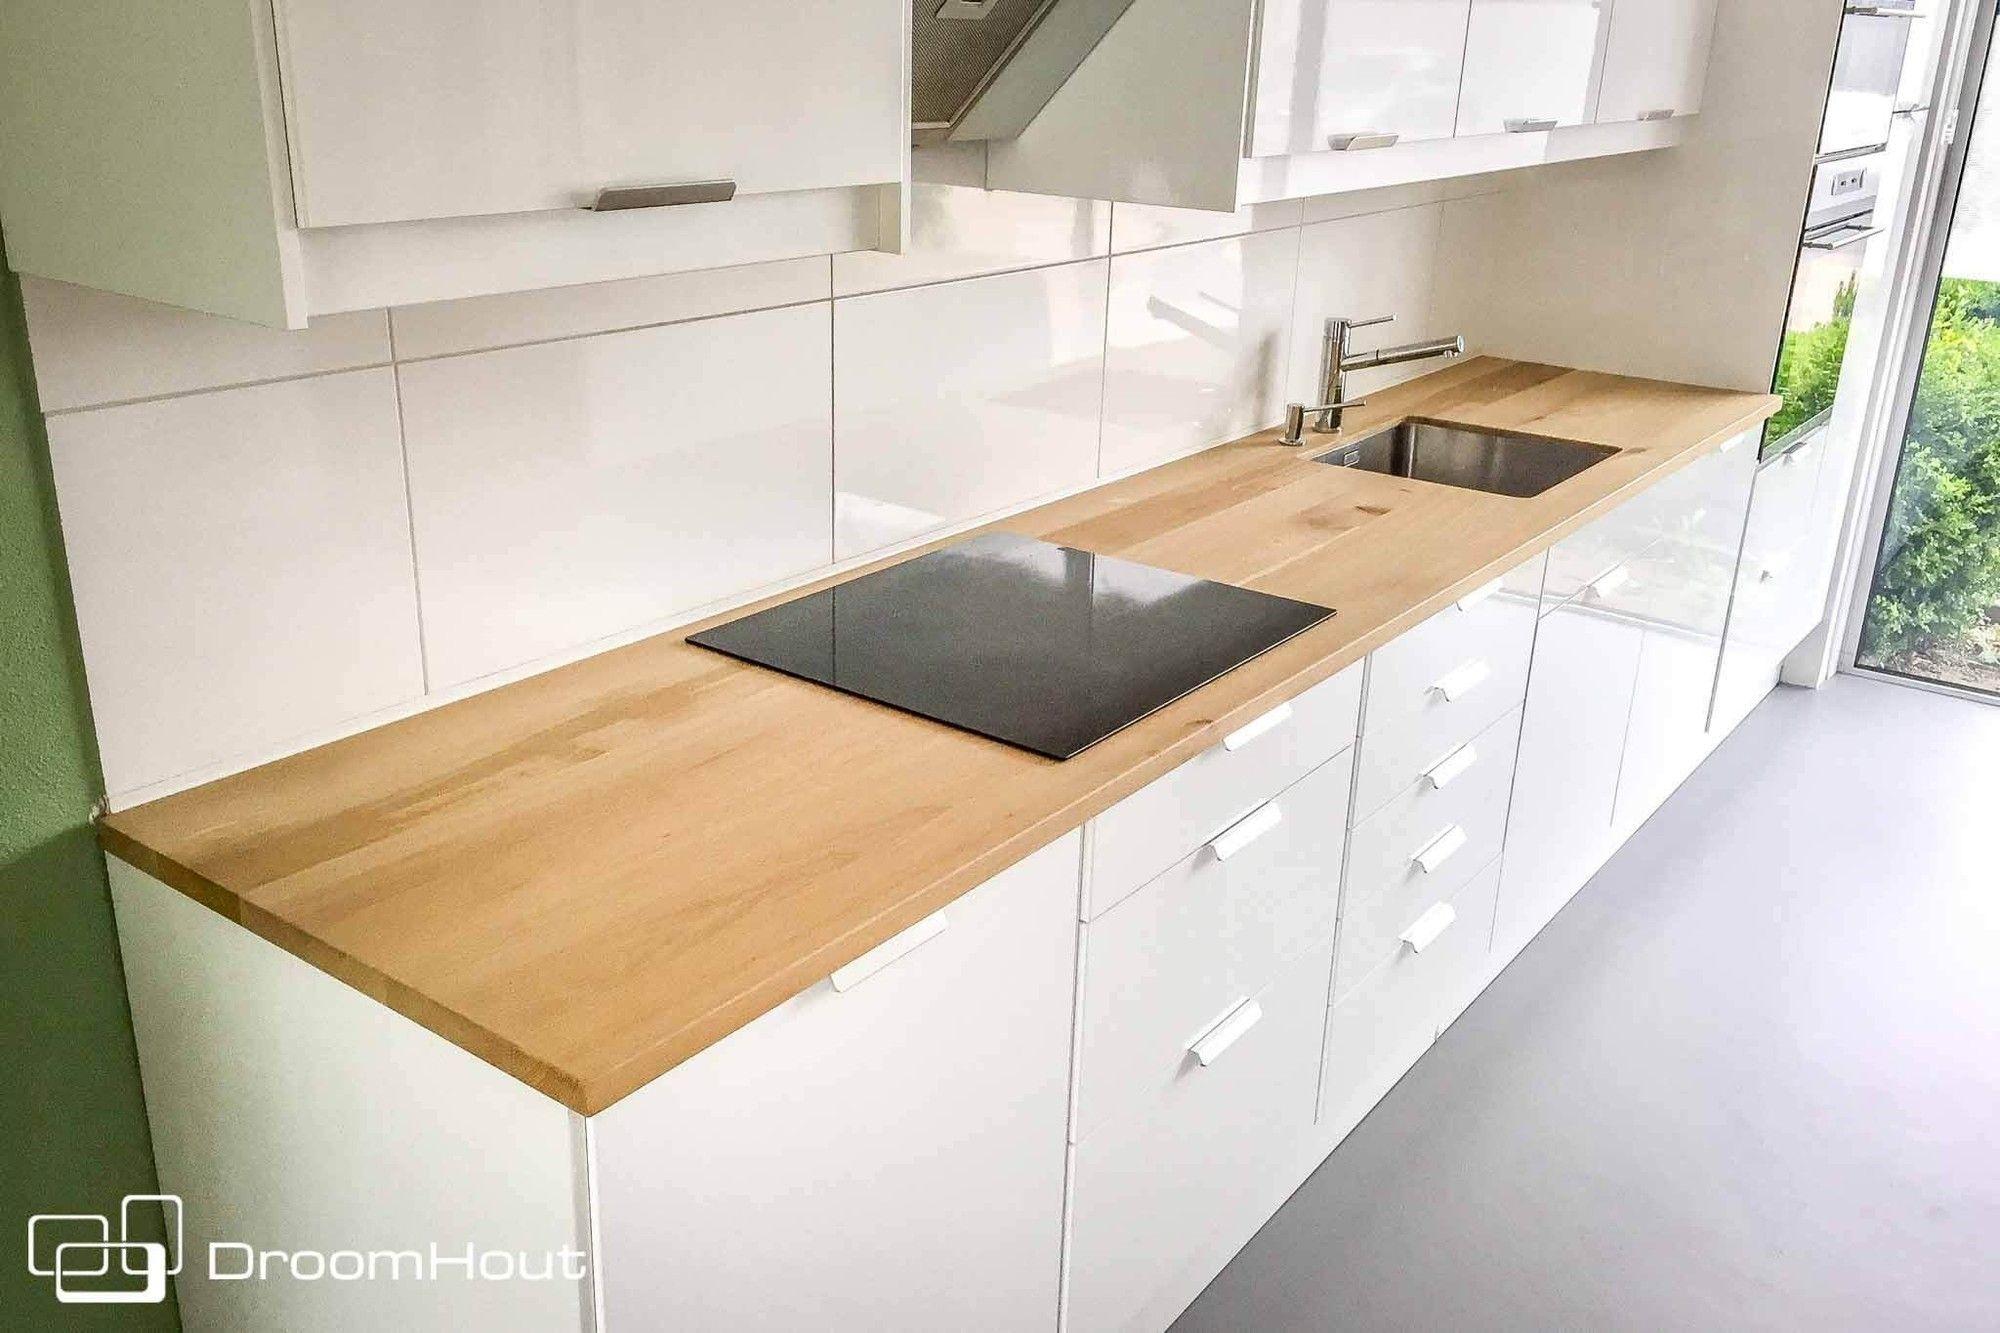 Houten Werkblad Keuken : Duurzame design keuken restylexl met houten werkblad en omlijsting